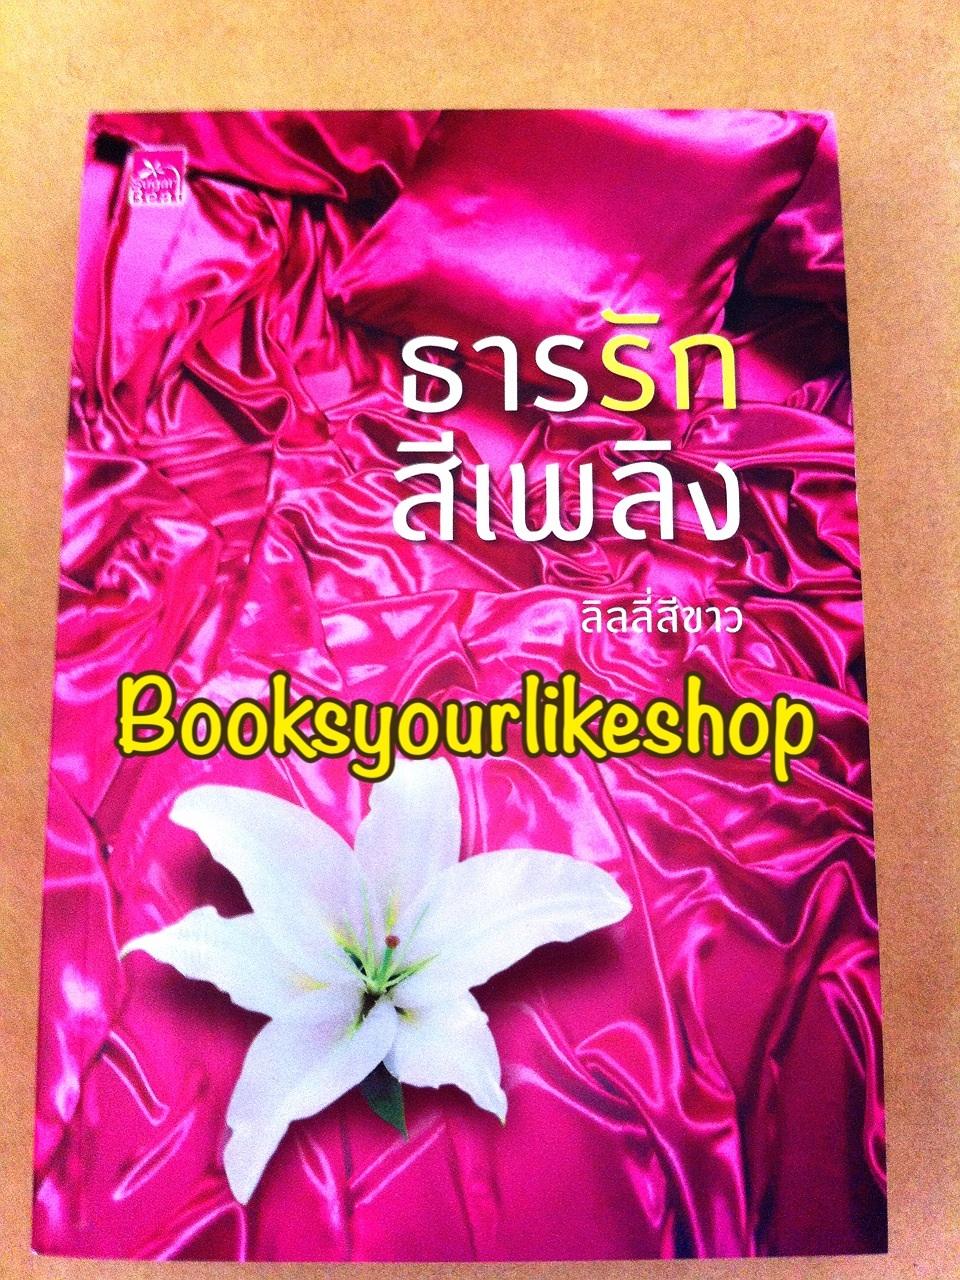 ธารรักสีเพลิง / ลิลลี่สีขาว (อิสย่าห์) สนพ.ชูก้าบีท หนังสือใหม่